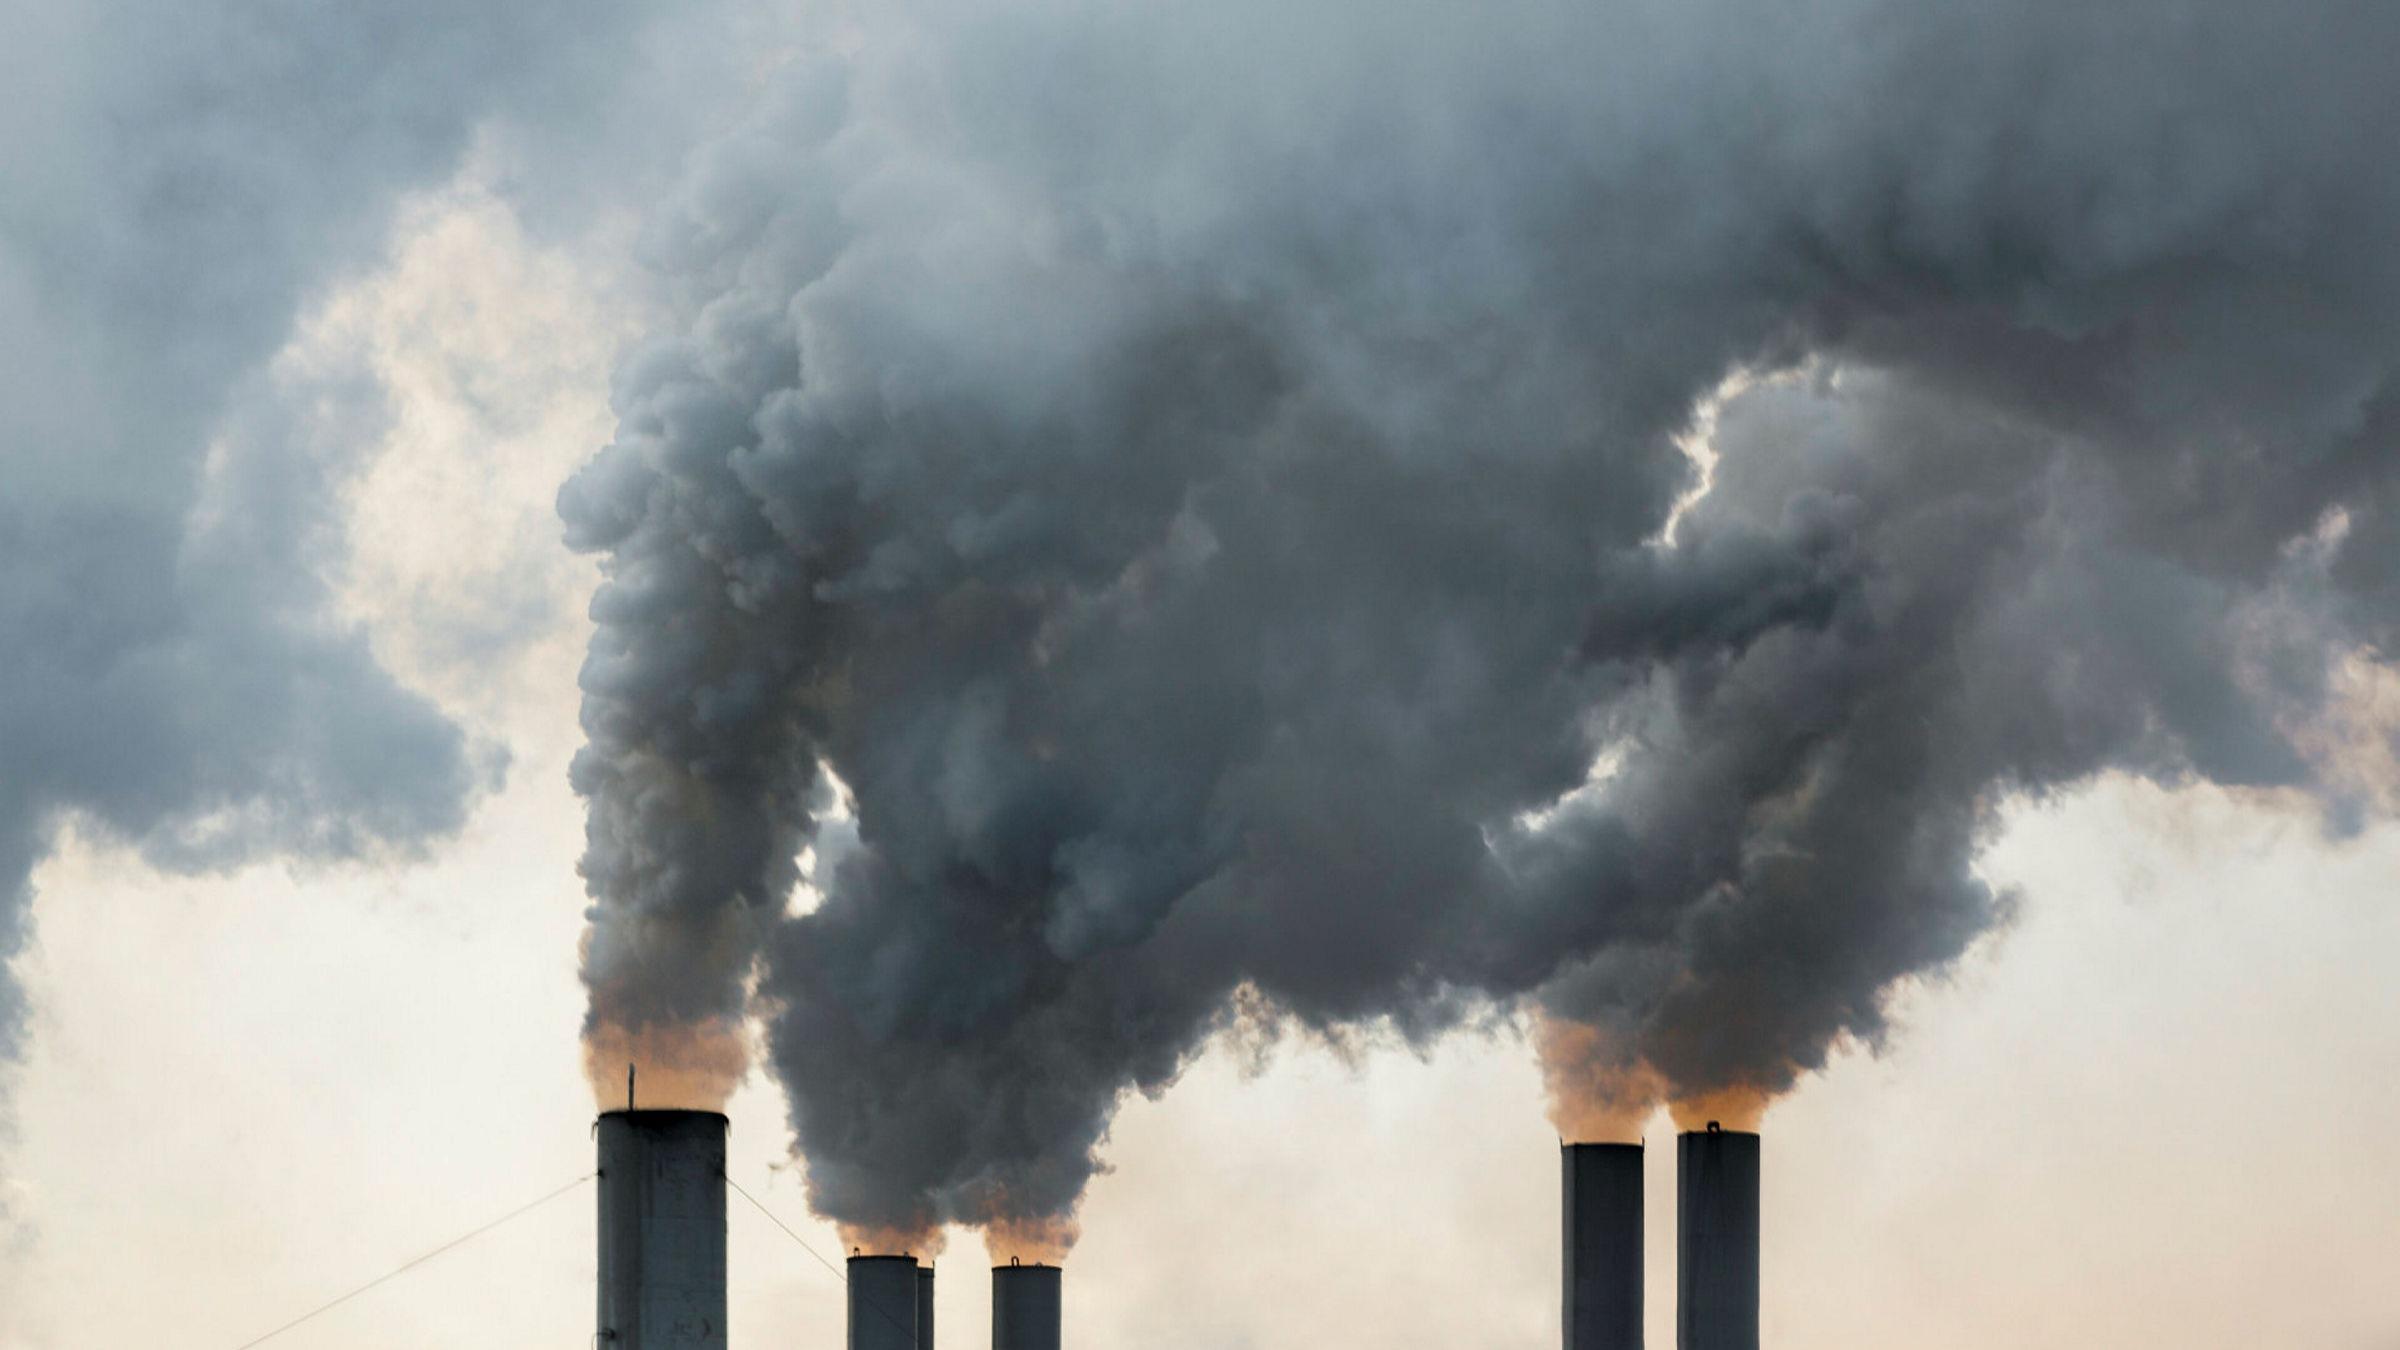 ft.com - Benjamin Parkin - Japan faces heat over Bangladesh's coal power